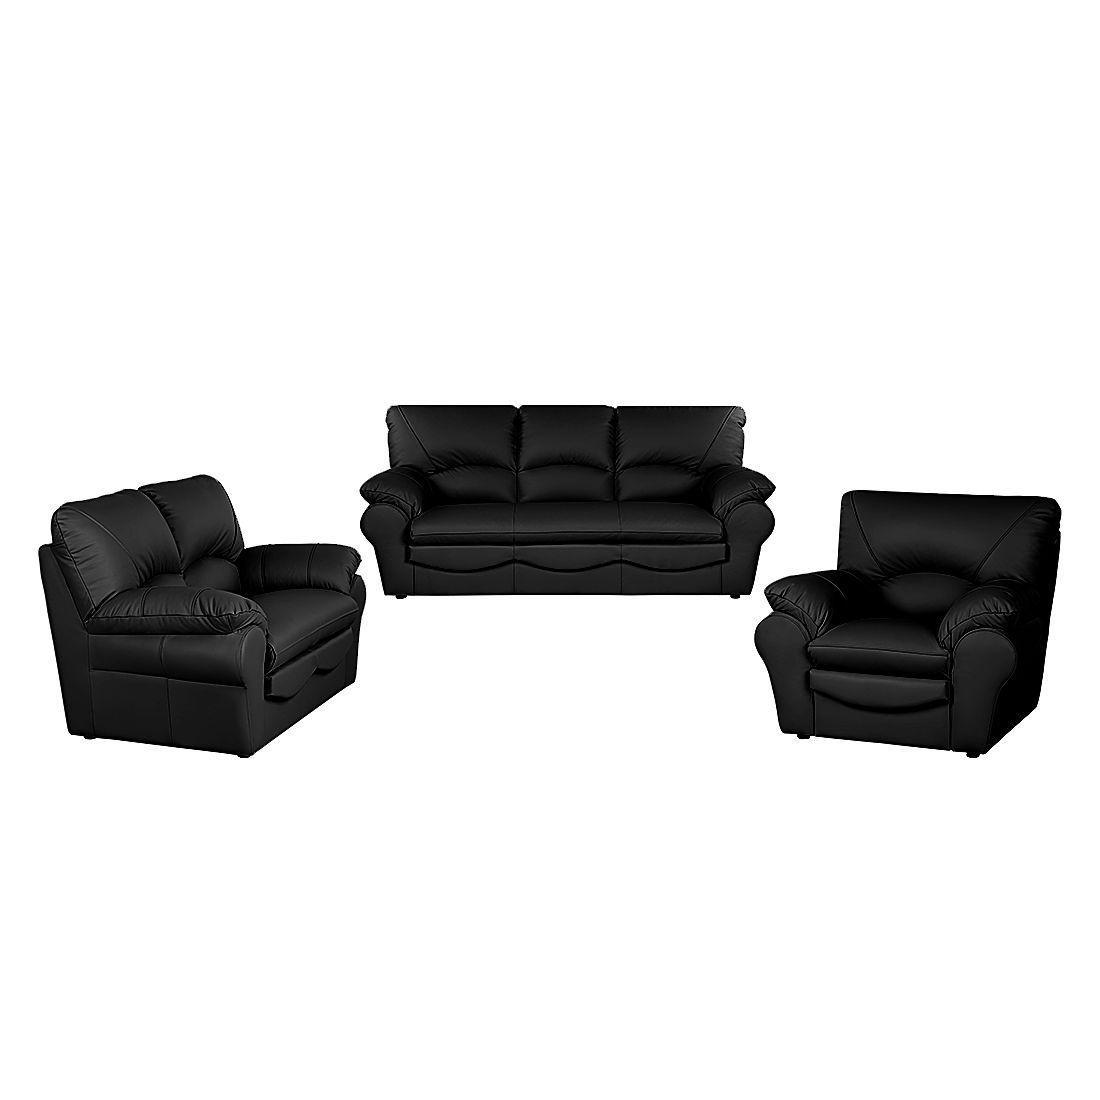 Couchgarnituren | Polstergarnituren online bestellen | home24